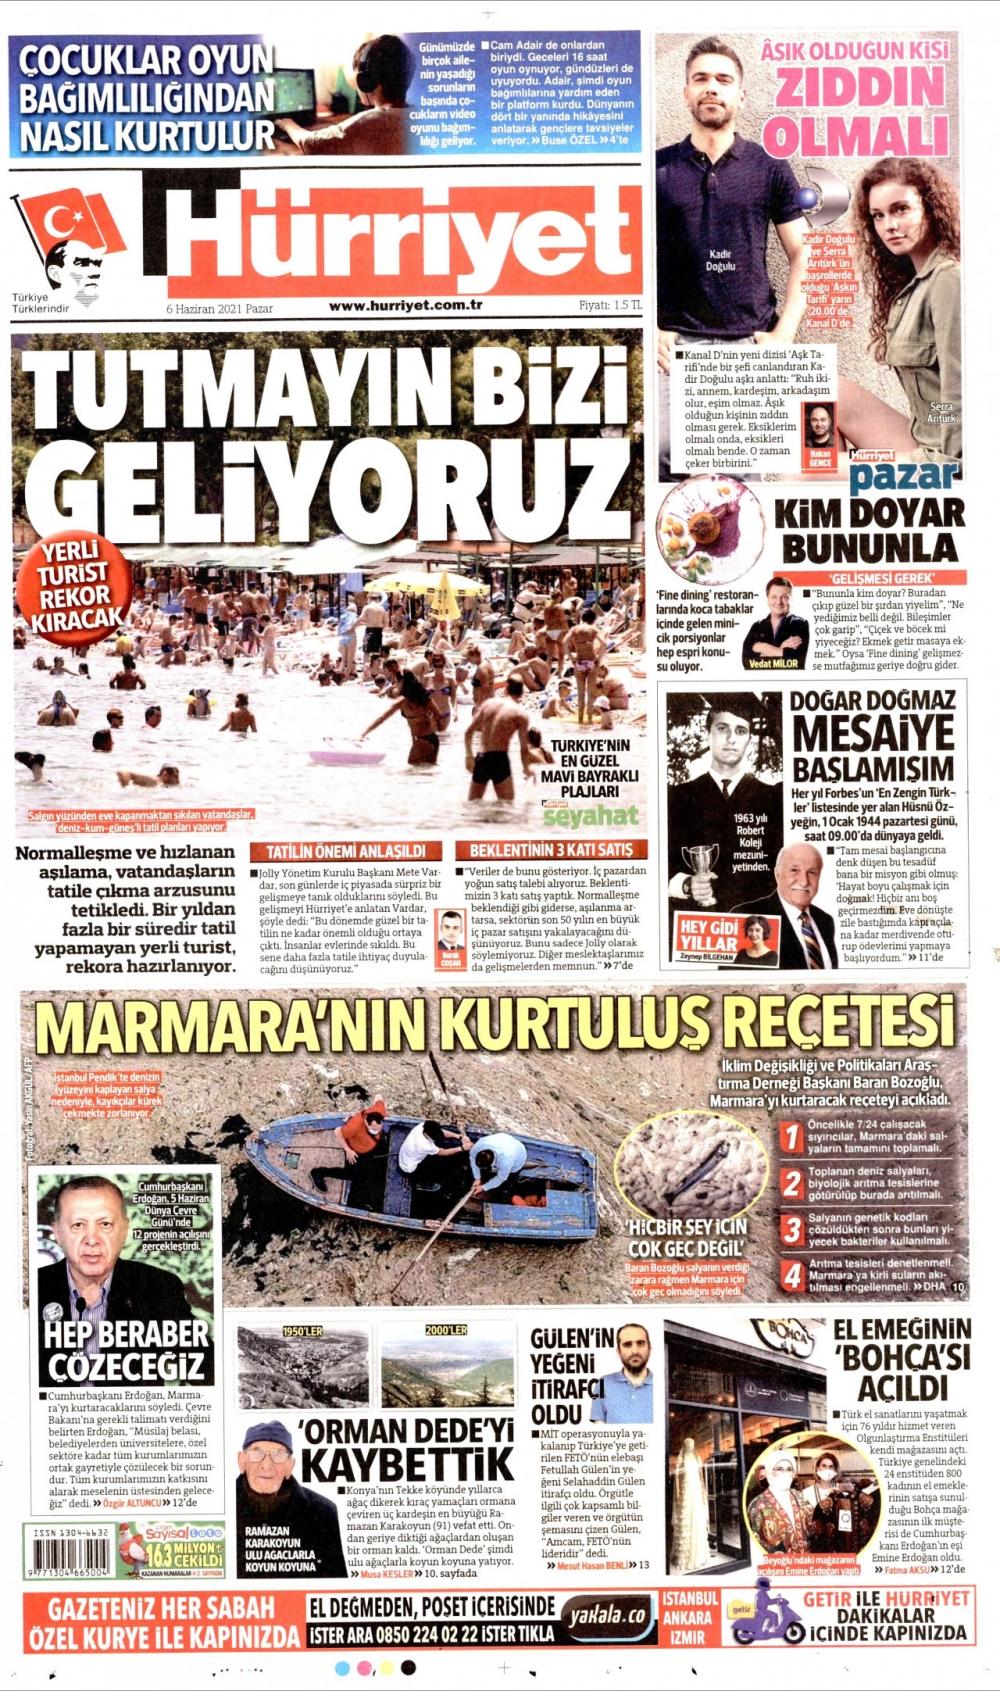 Günün Gazete Manşetleri  5 Haziran 2021 Gazeteler Ne Diyor? 1